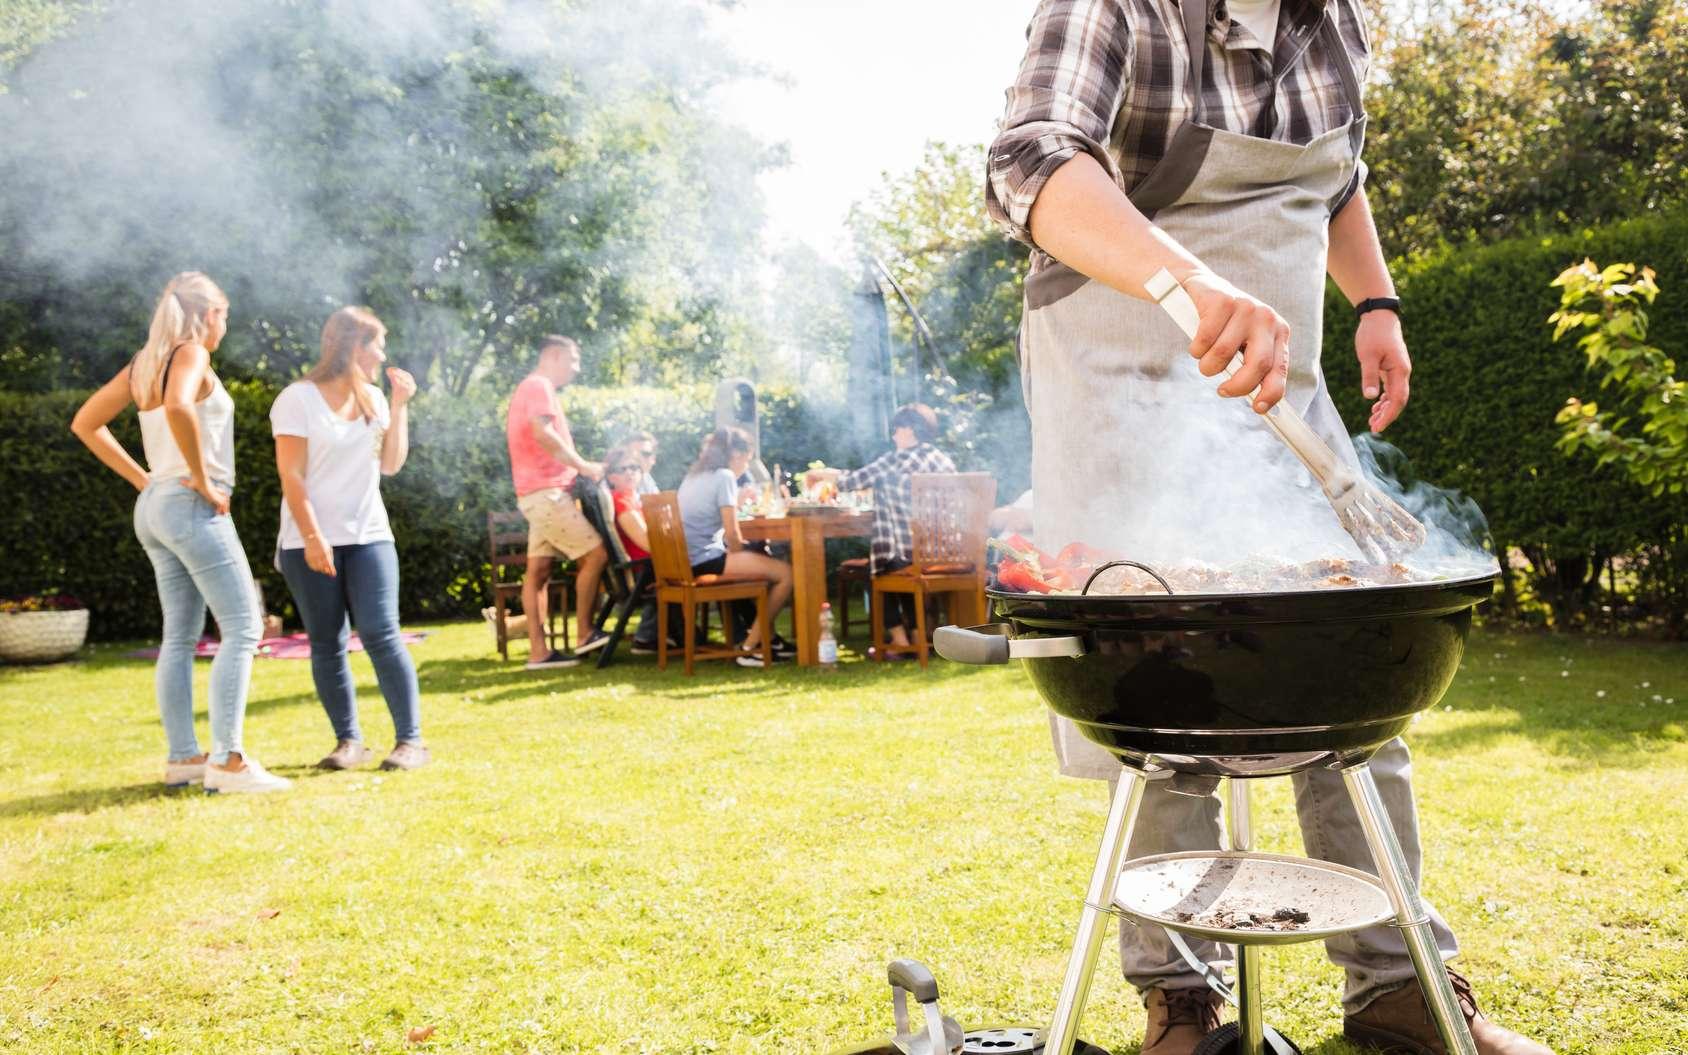 Vous réalisez un barbecue ? Voici quelques conseils pour ne pas gâcher la fête. © Karepa, Fotolia